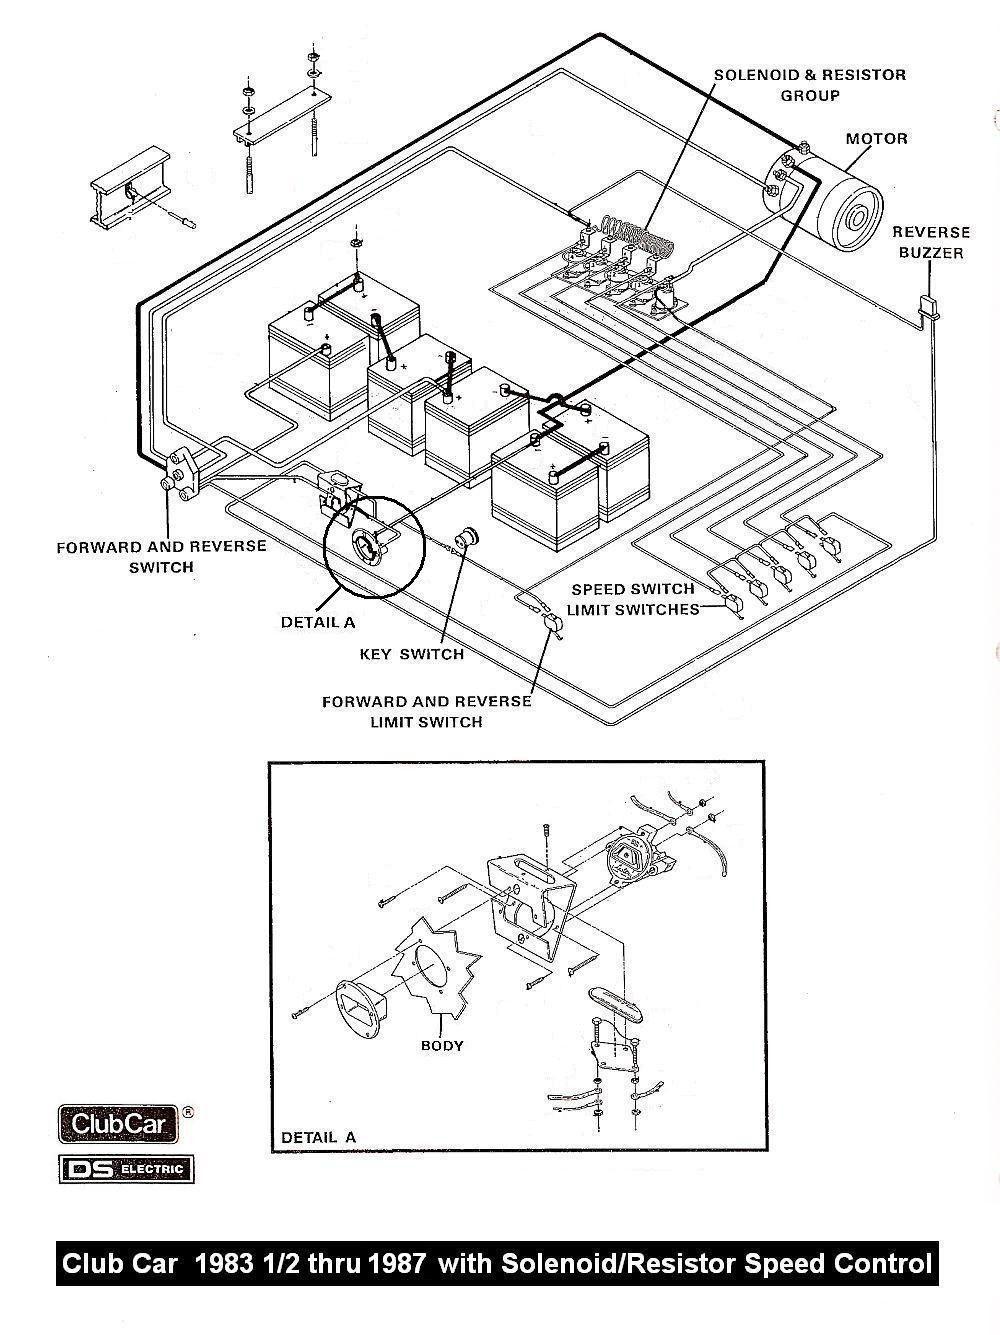 1988 Club Car Direction Control Switch Wiring Scmatic In 2021 Club Car Golf Cart Wiring Diagram Ezgo Golf Cart